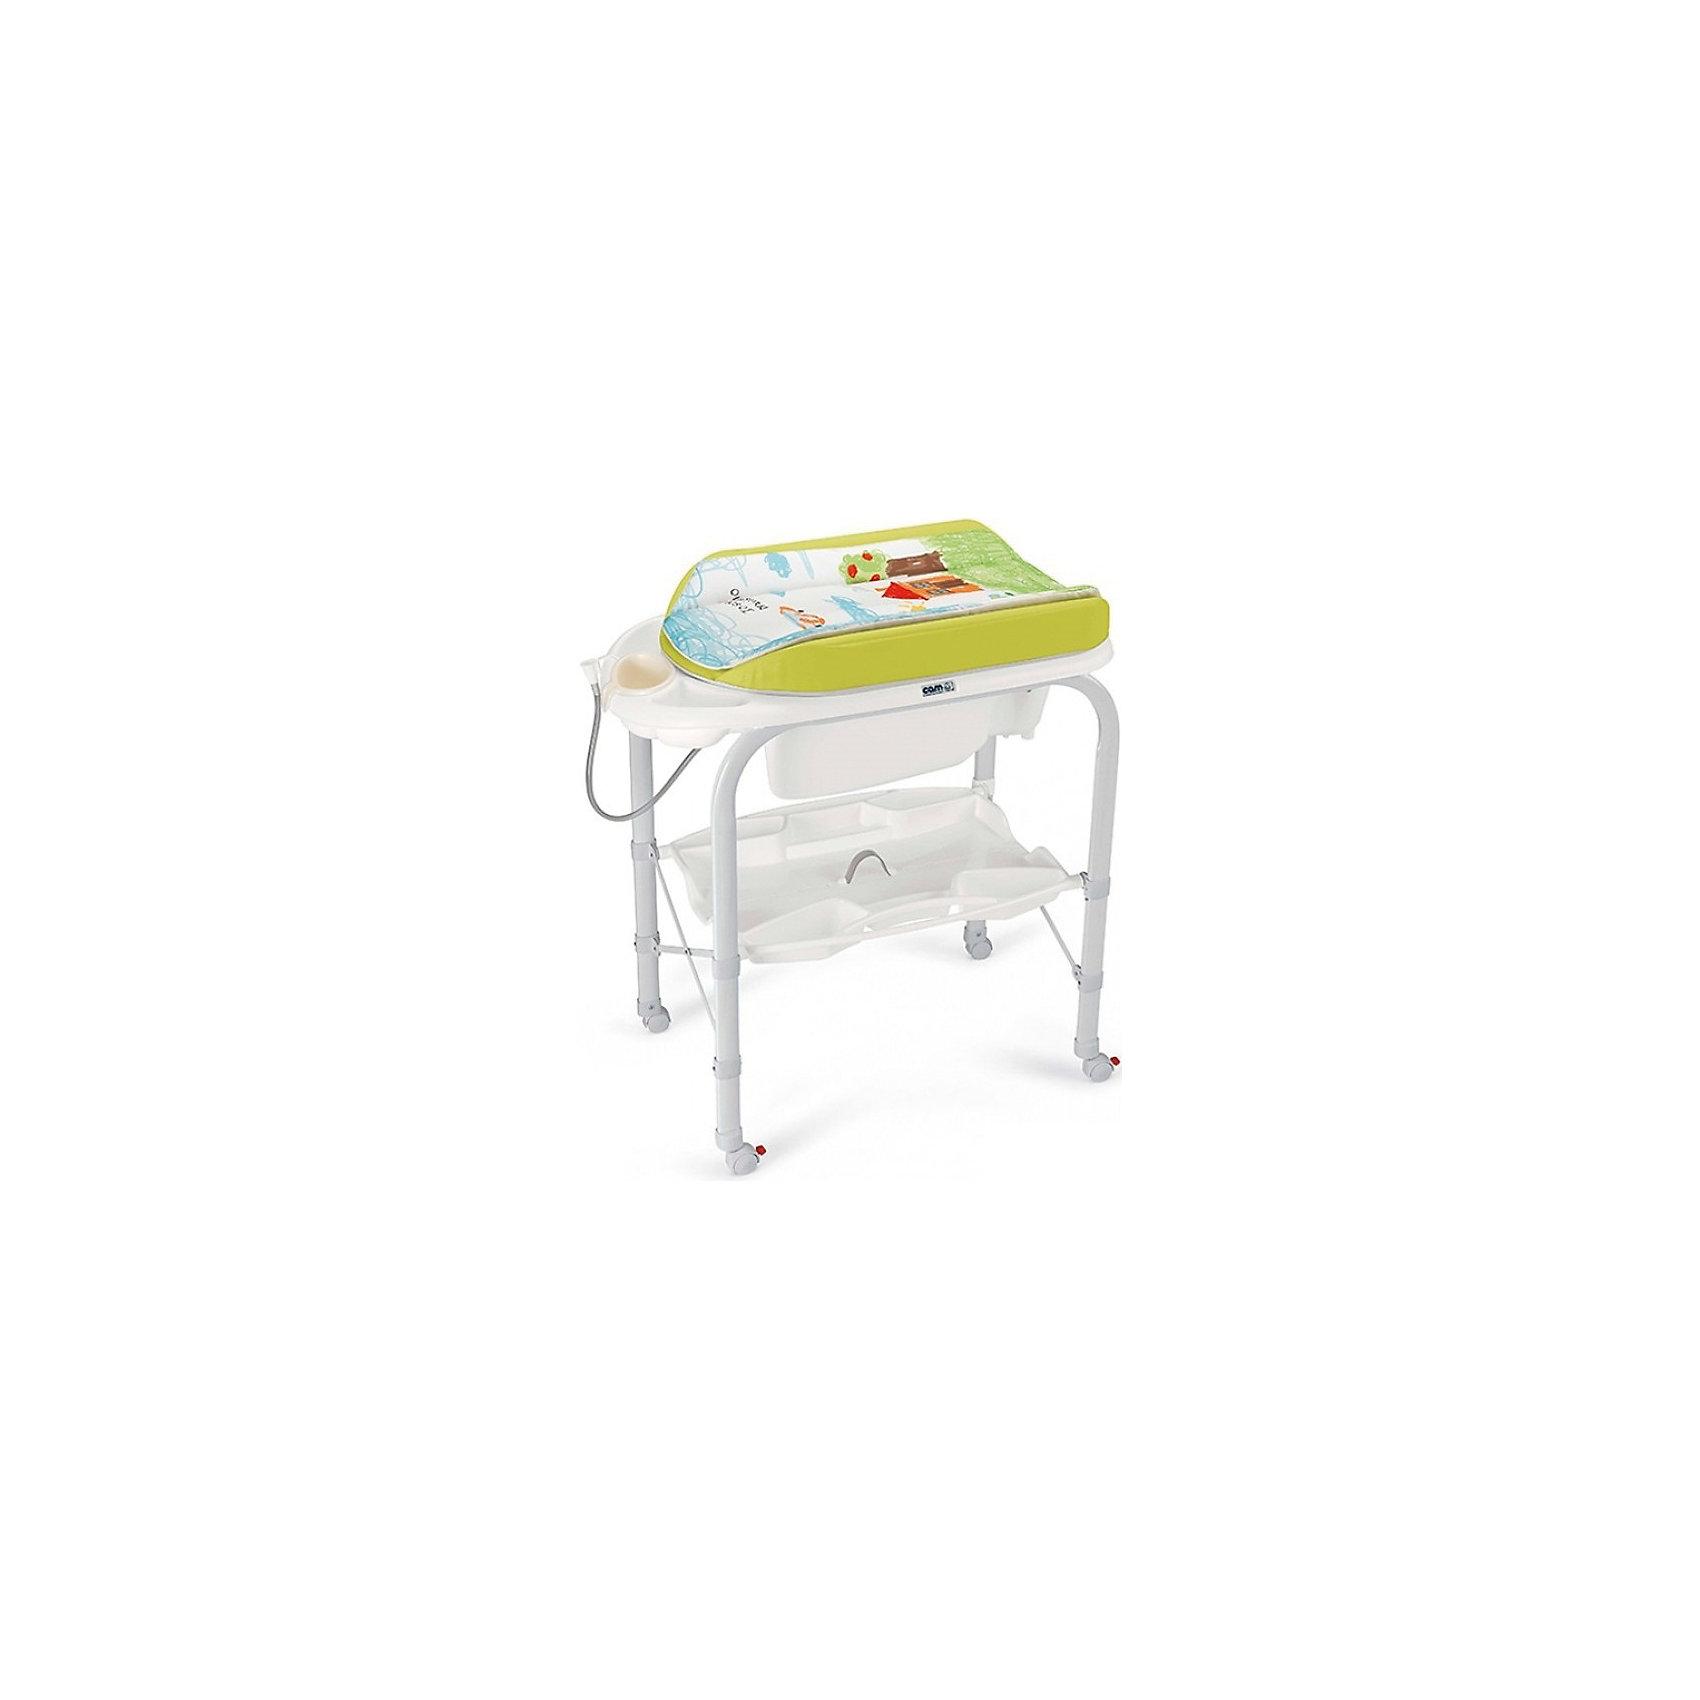 CAM Пеленальный стол Cambio, CAM, салатовый Bebe amore mio